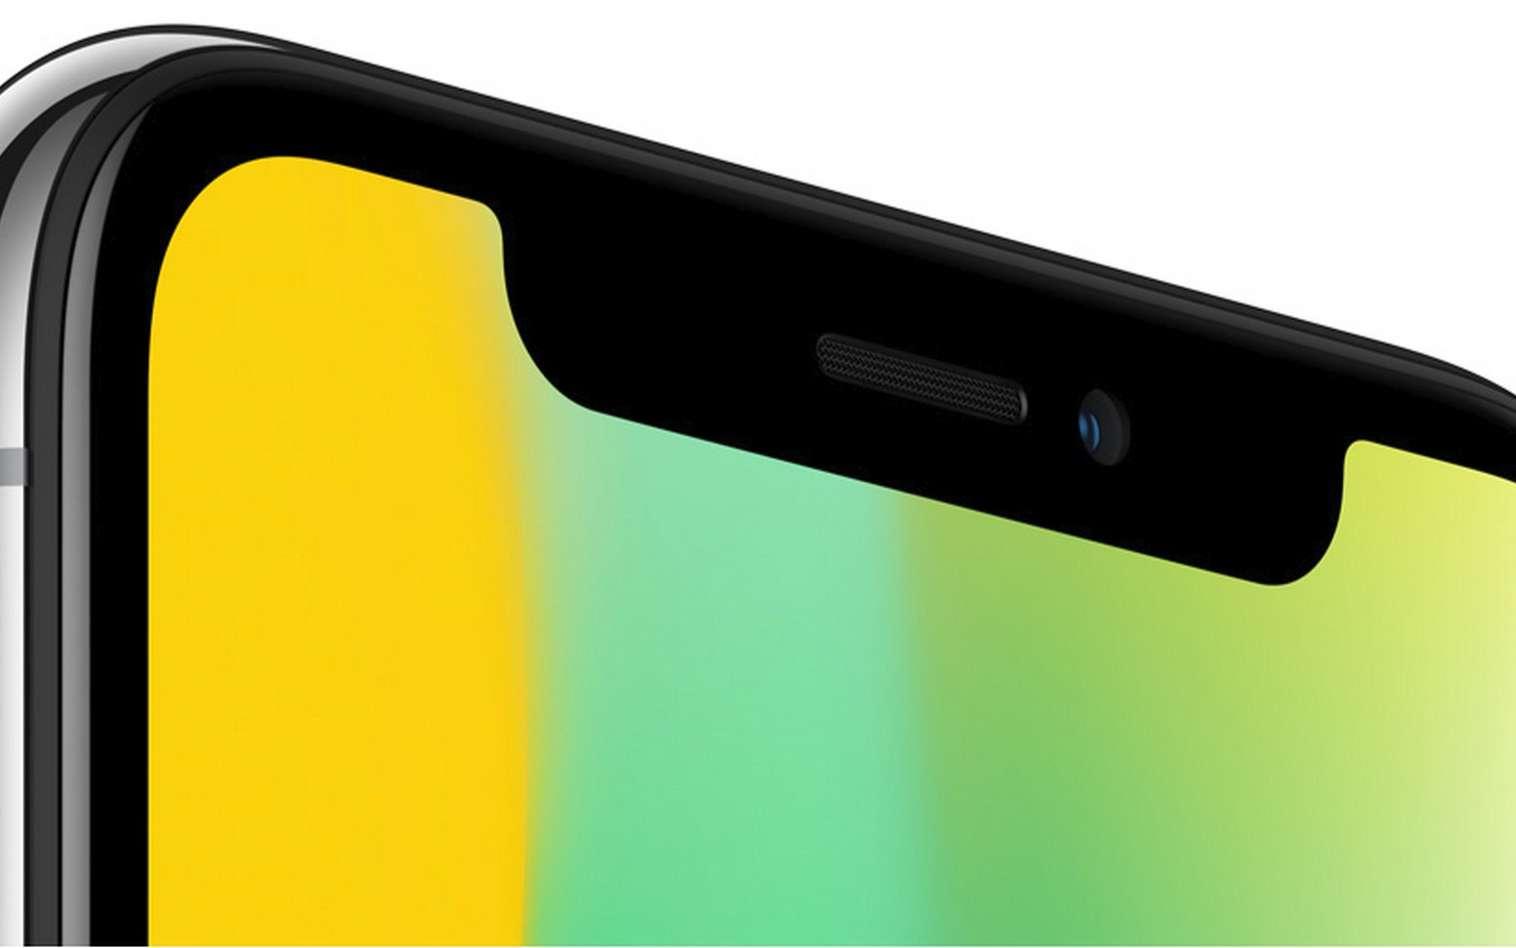 On lui avait promis que l'iPhone X était le smartphone le plus sécurisé au monde © Apple